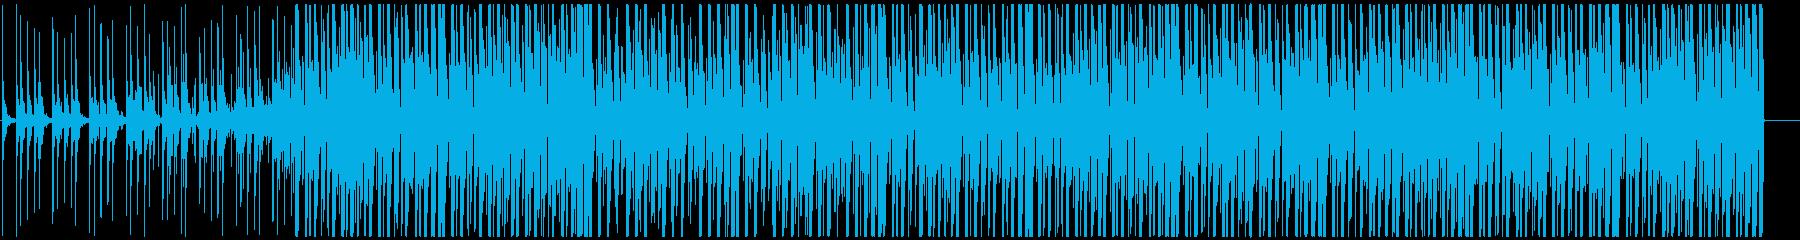 明るいアフロビート トロピカルハウスの再生済みの波形